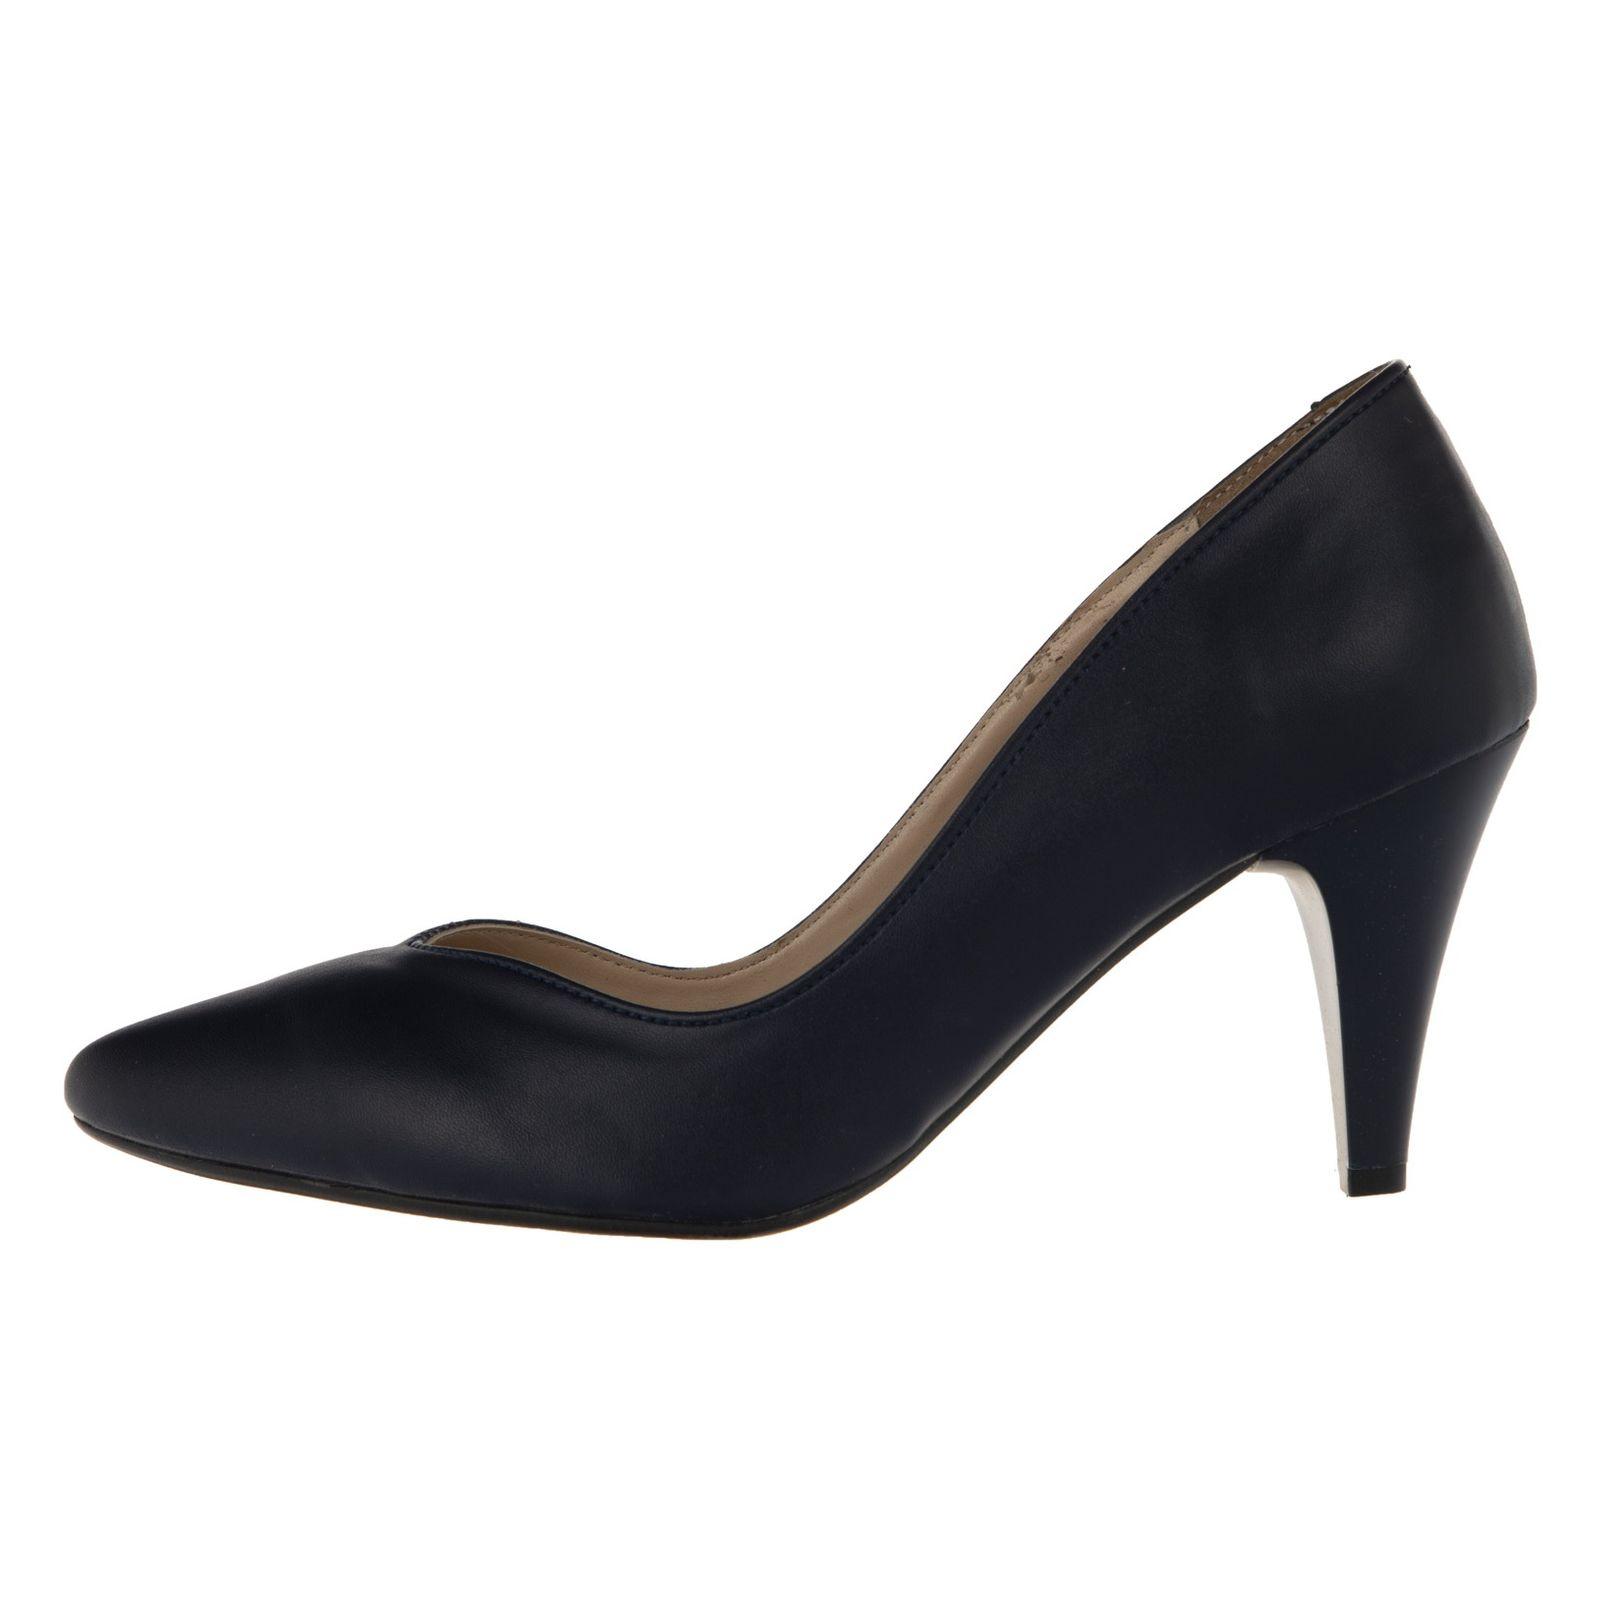 کفش زنانه پولاریس مدل 100294709-113 main 1 1